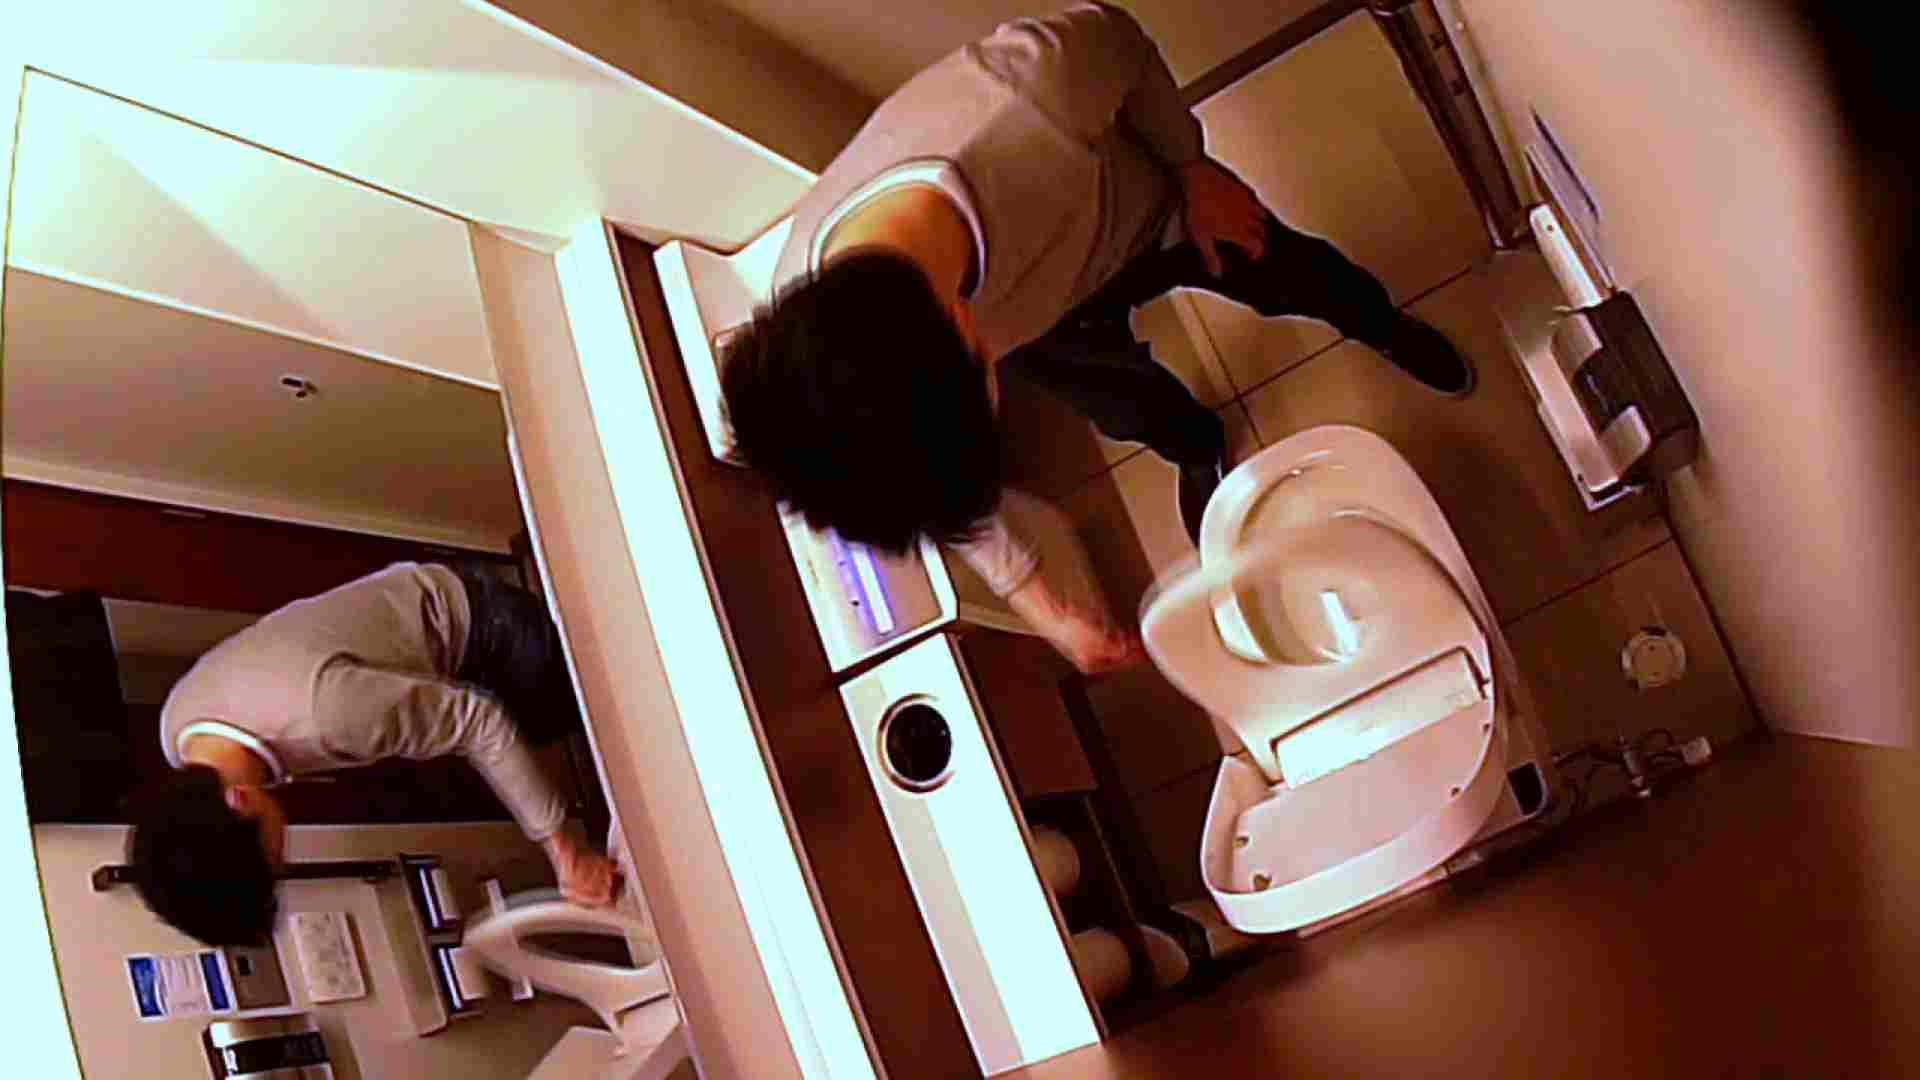 すみませんが覗かせてください Vol.30 トイレ | 0  62枚 57